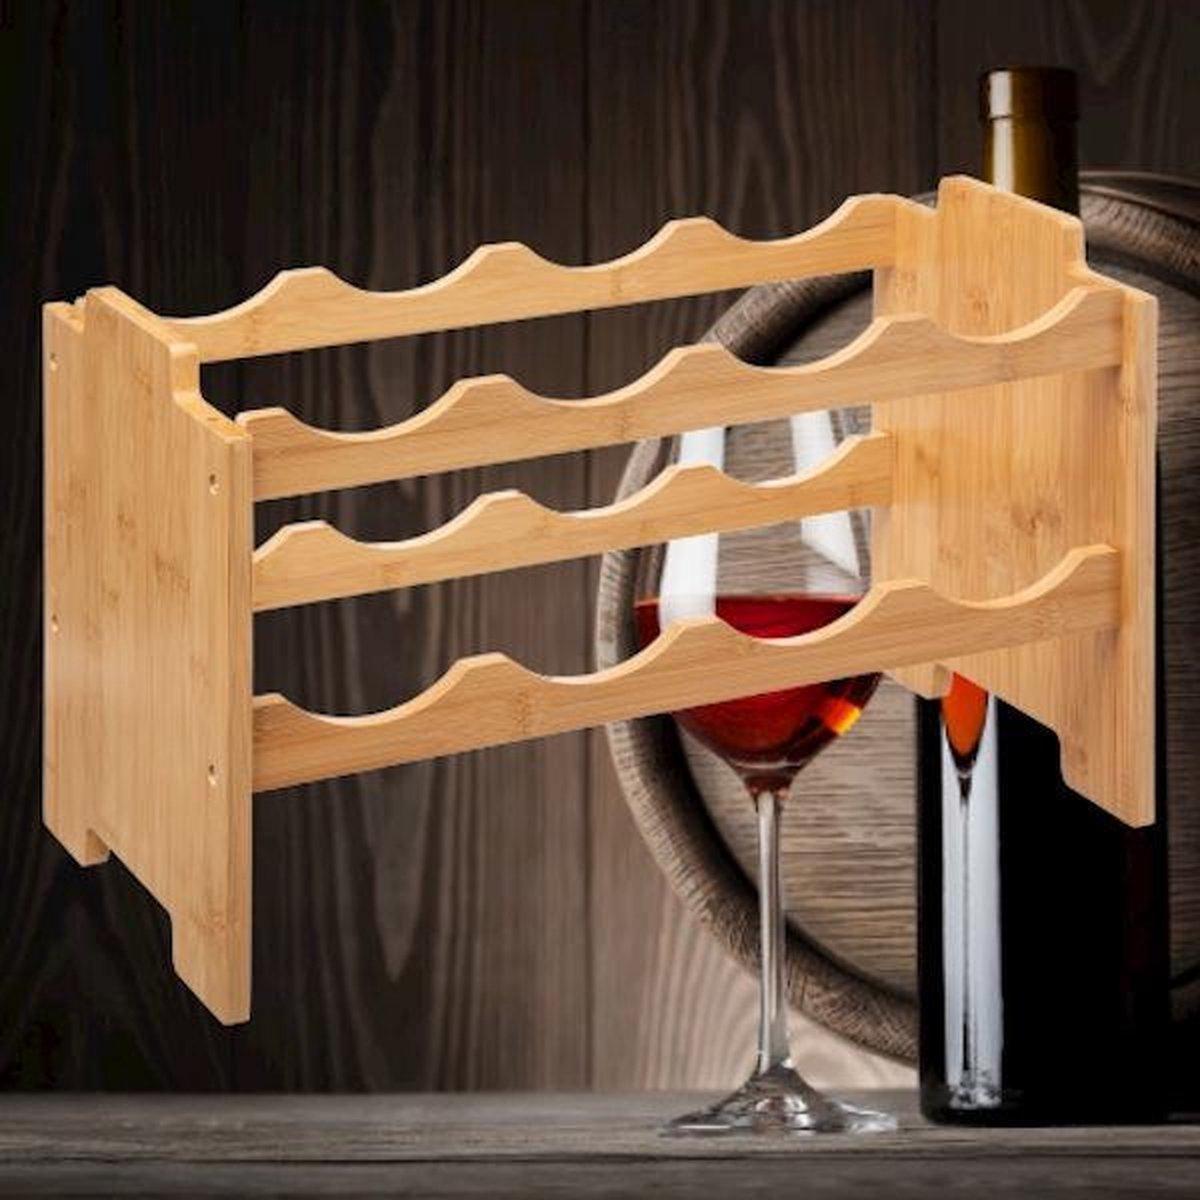 Decopatent® Wijnrek van bamboe hout voor 8 flessen wijn - Staand en stapelbaar wijnrek - Mooi wijnflessenrek voor 8 wijnflessen